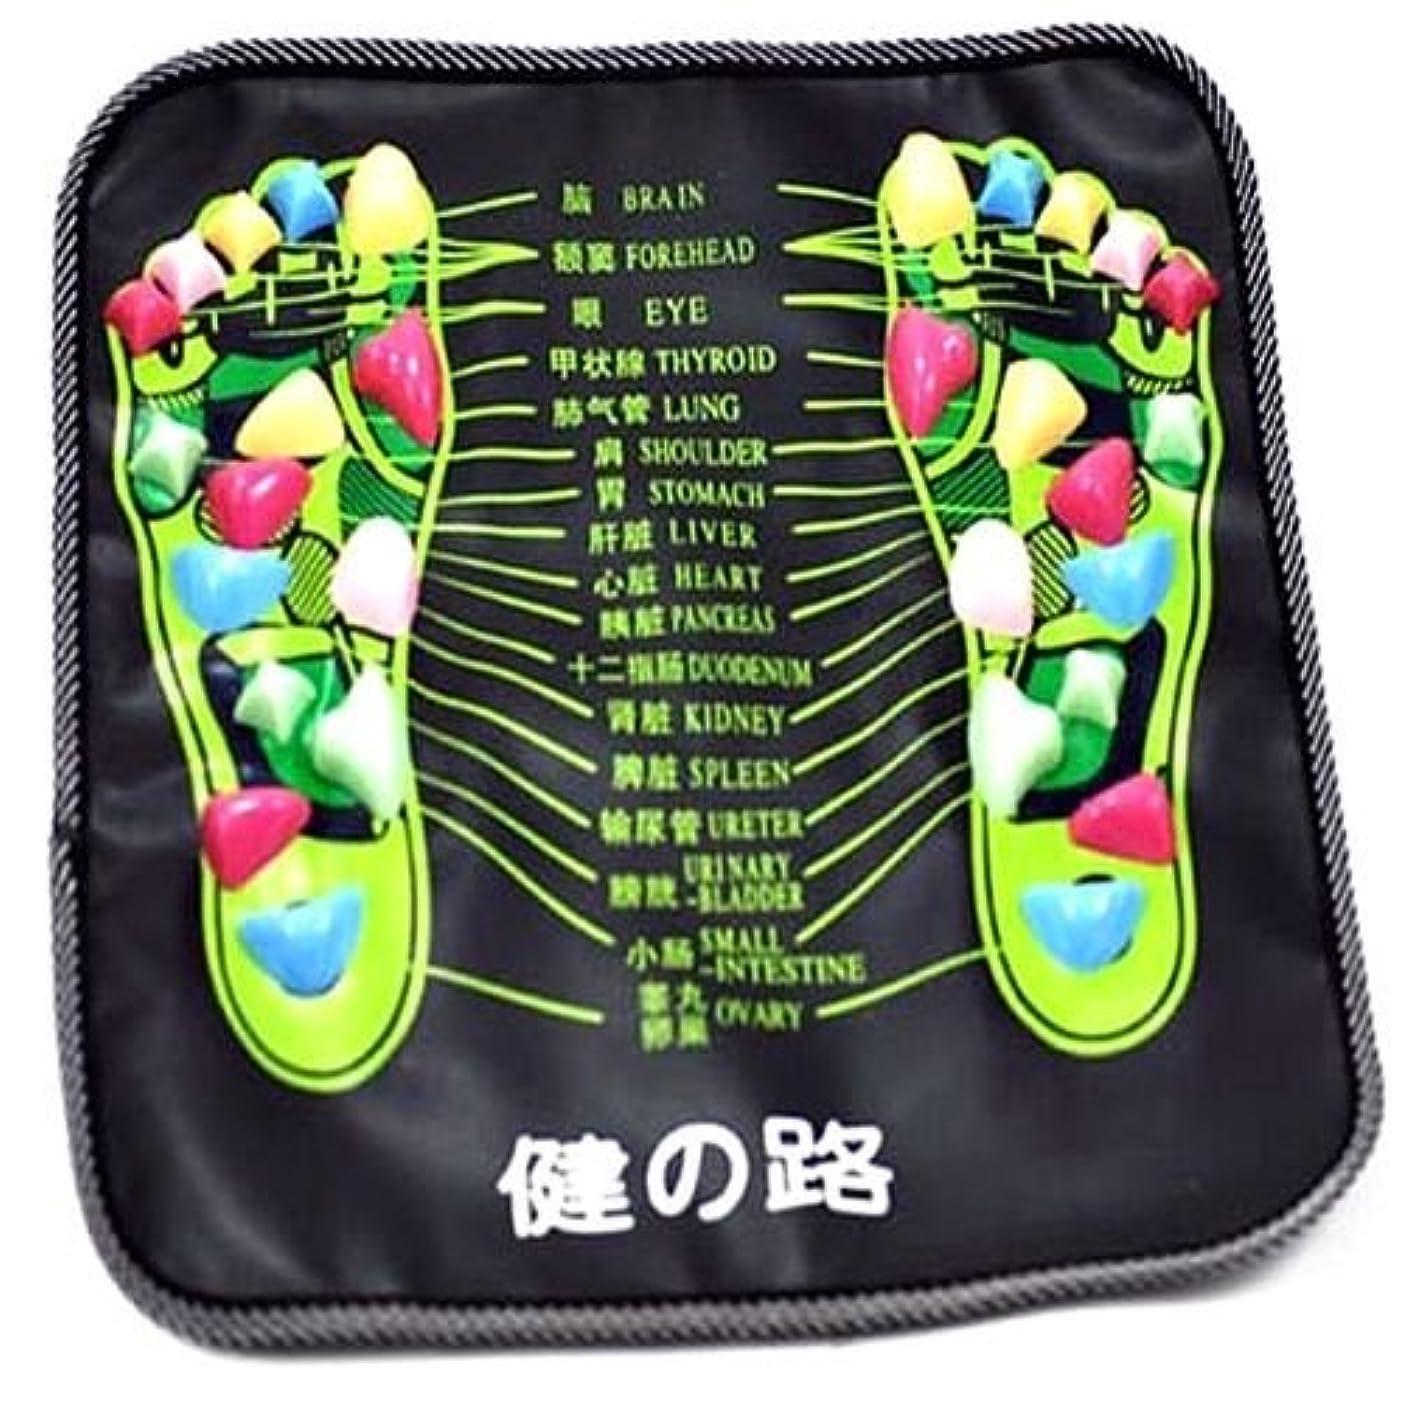 ビート橋脚予備isz-spo 足ツボ マッサージ 健康ボード プラスチック 簡単 収納